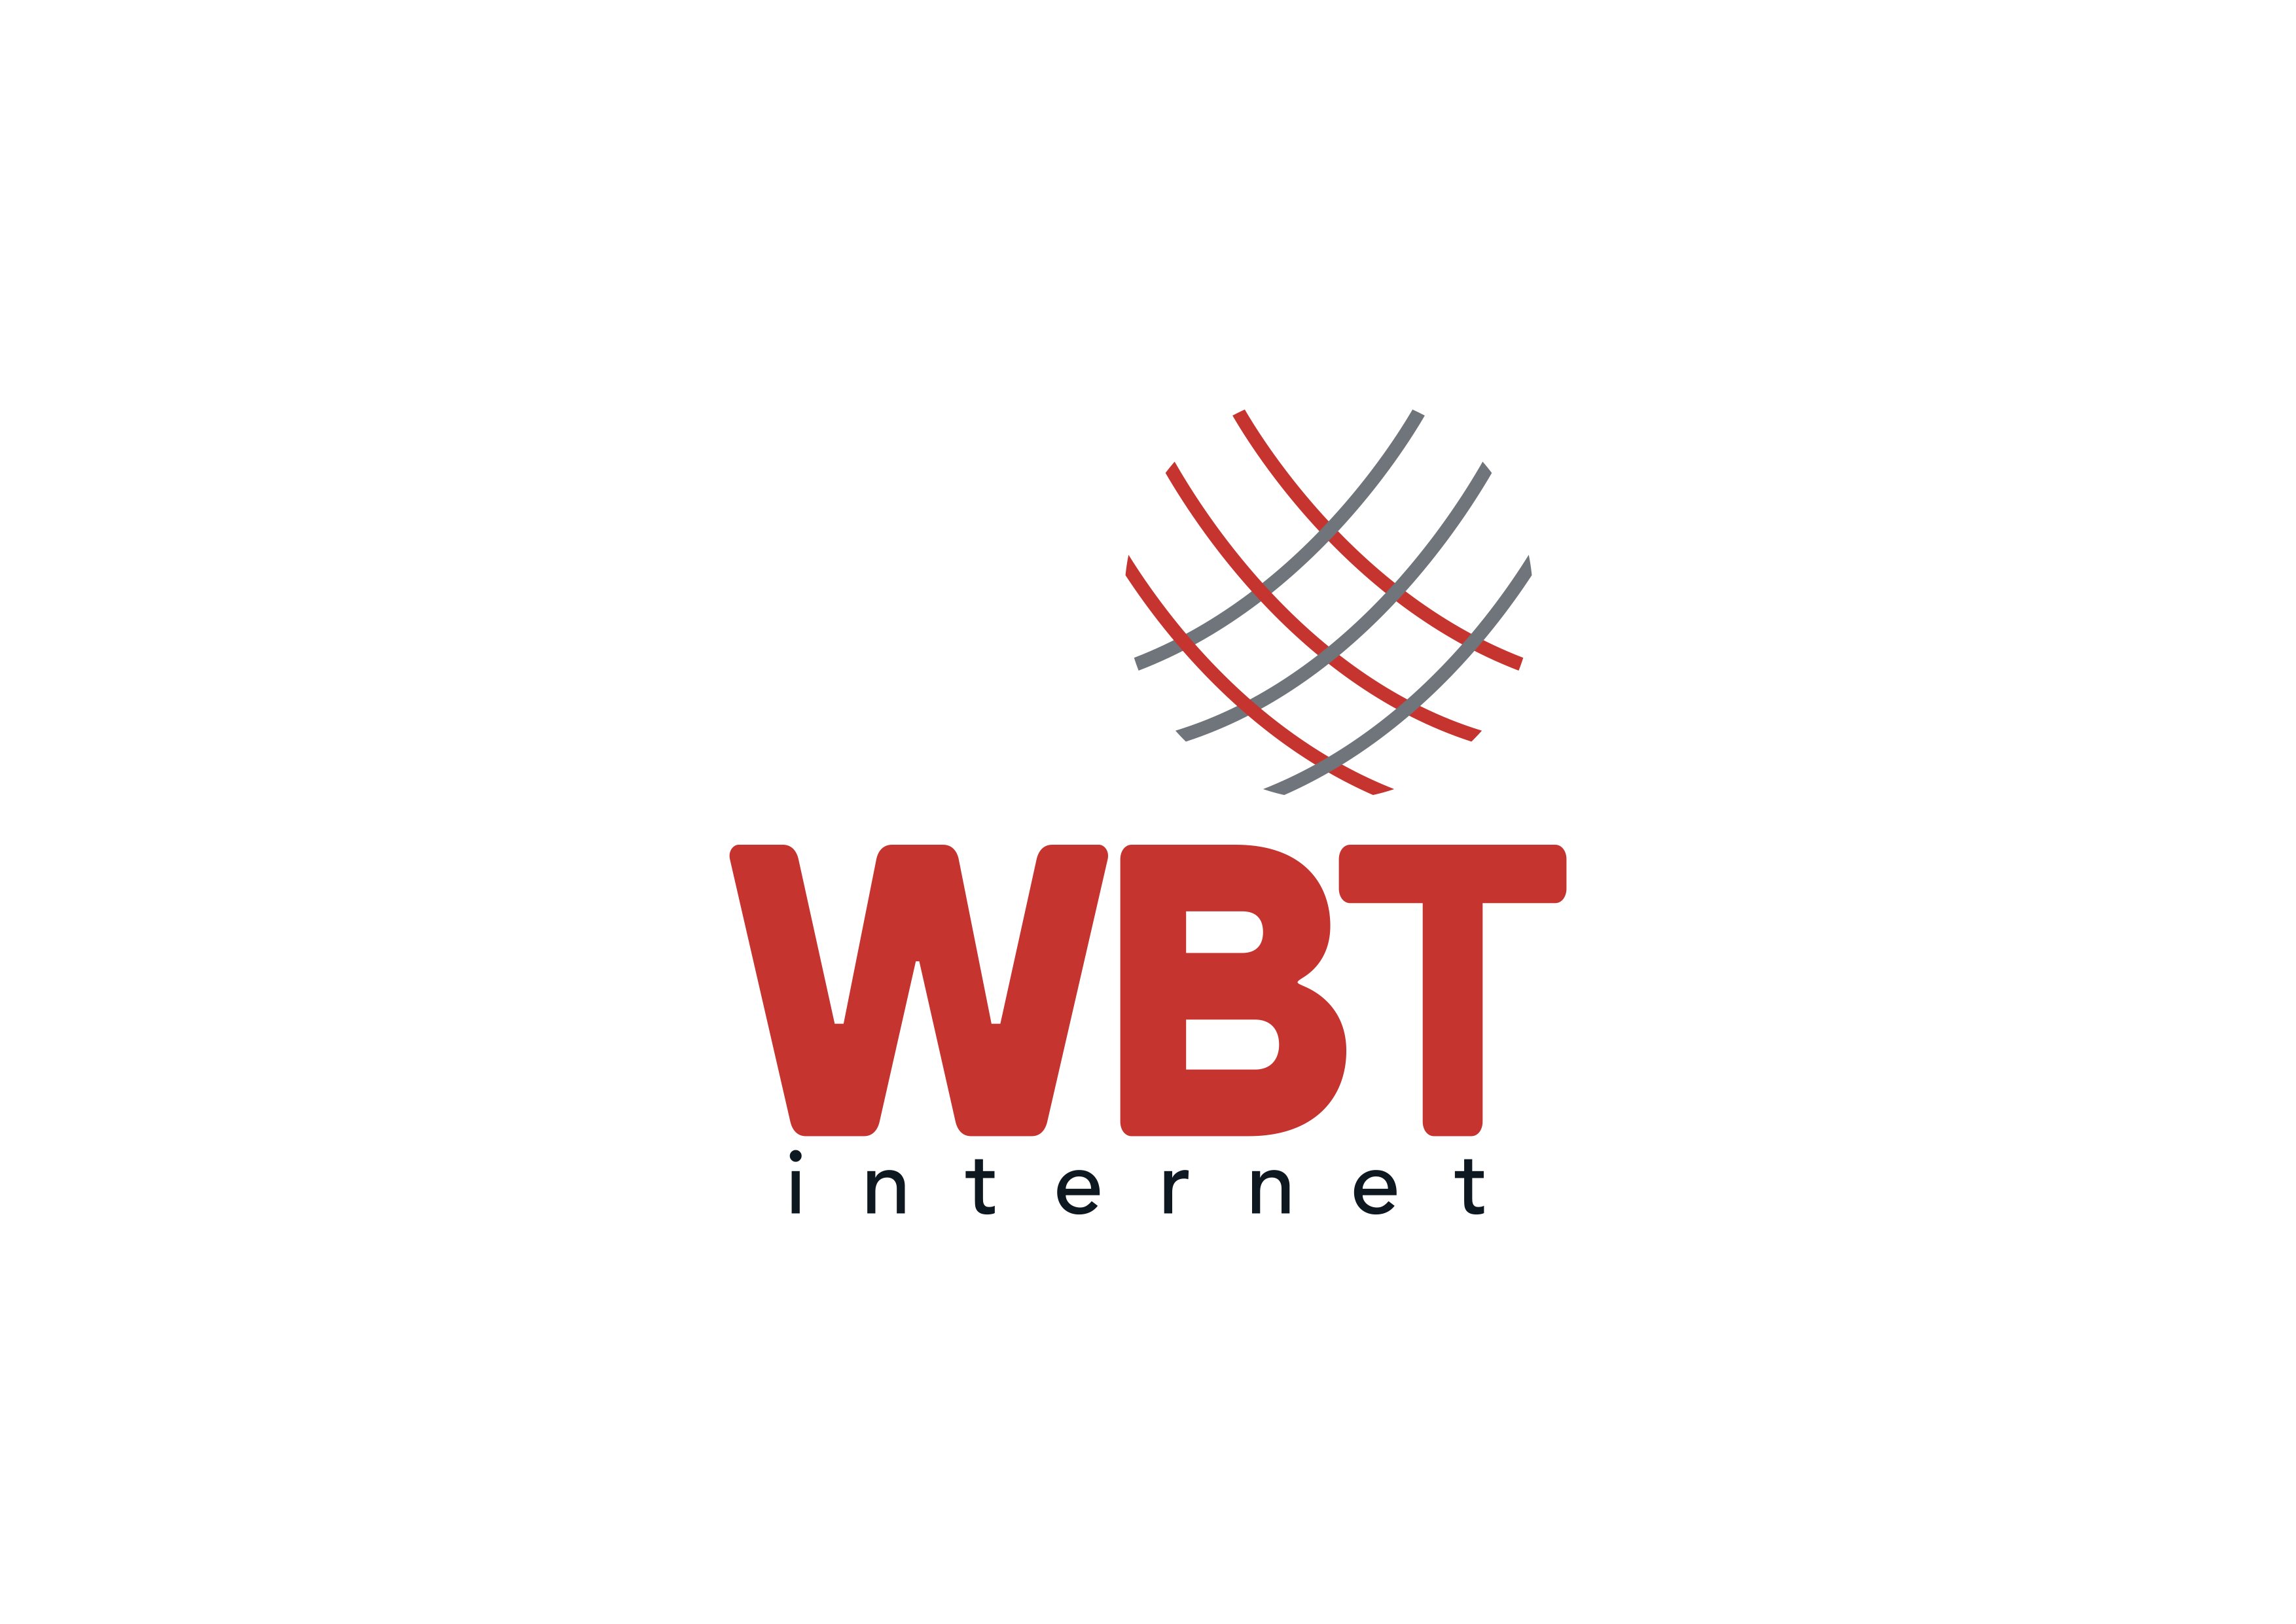 WBT Internet